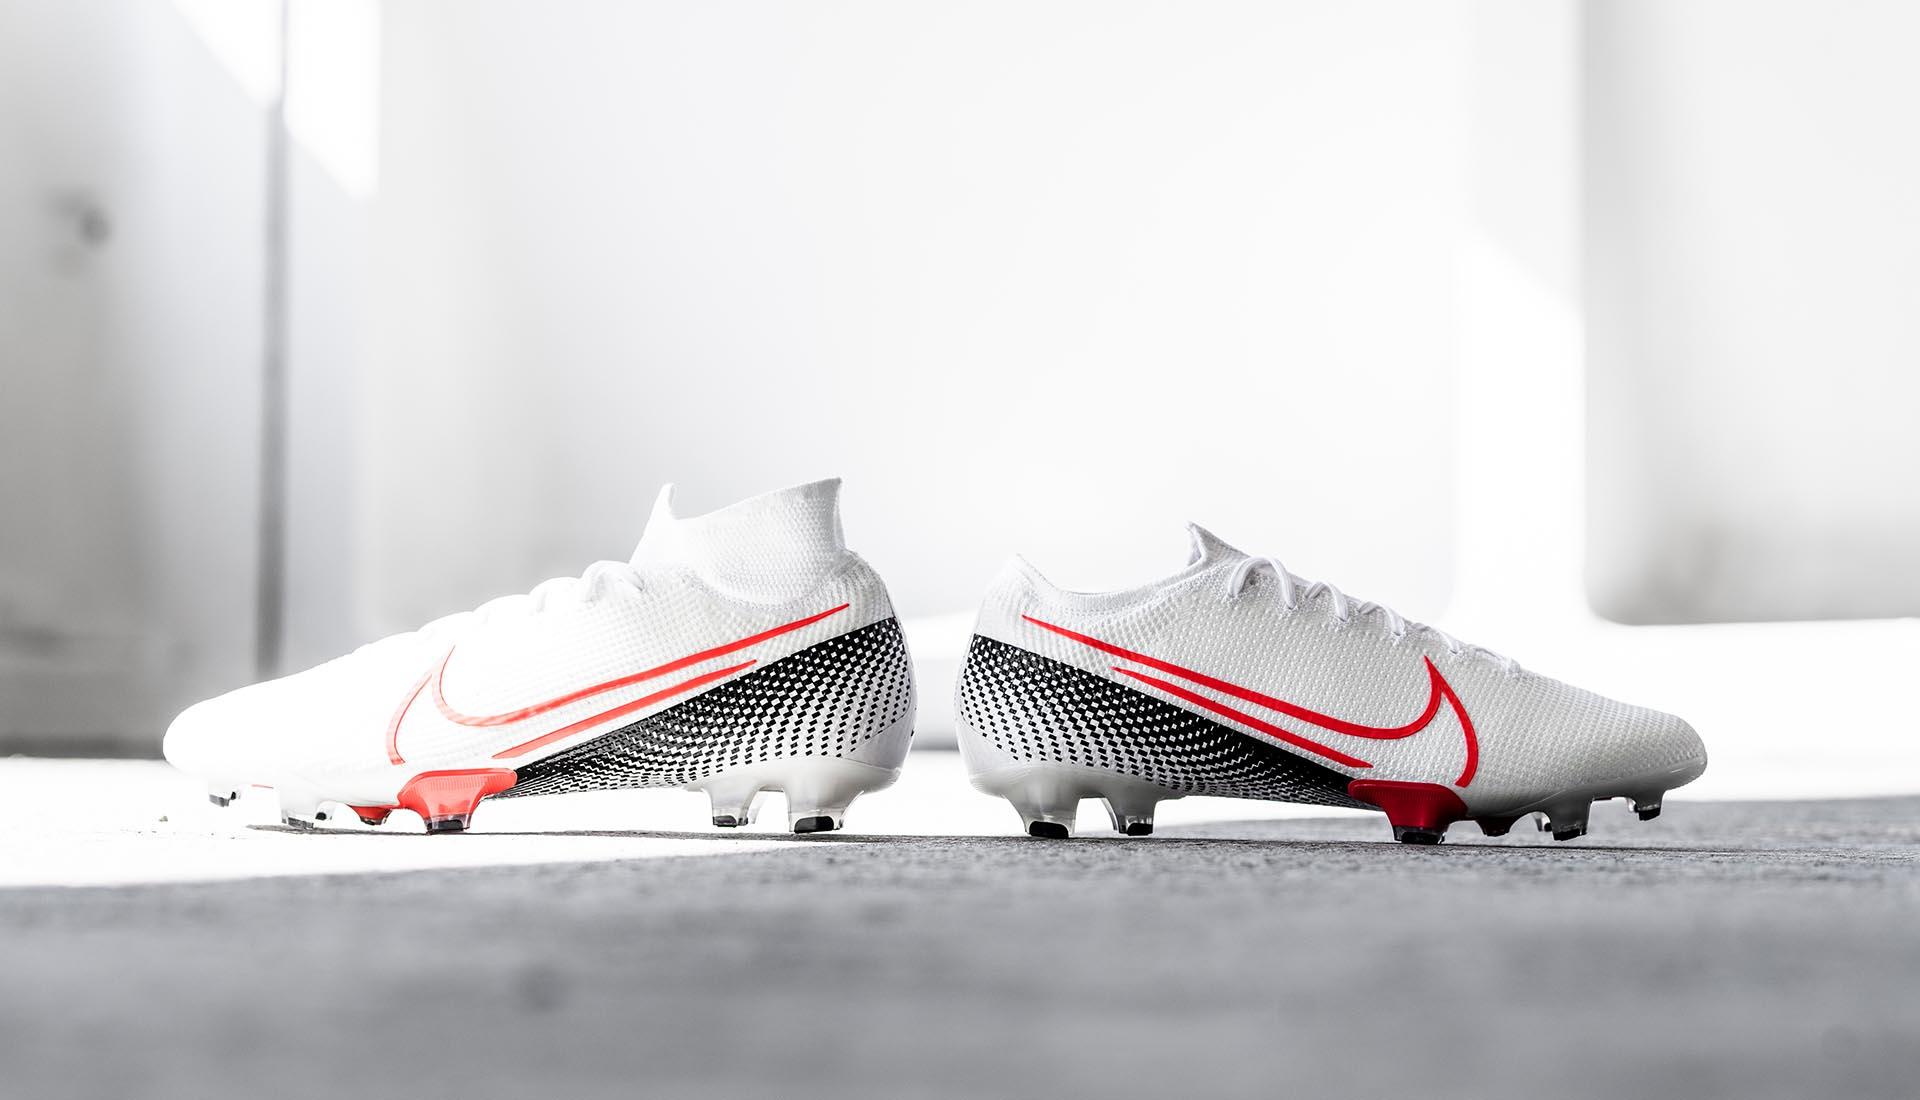 Bộ sưu tập Nike Future Lab 2 được ra mắt với gam màu đẹp mắt trắng và xanh